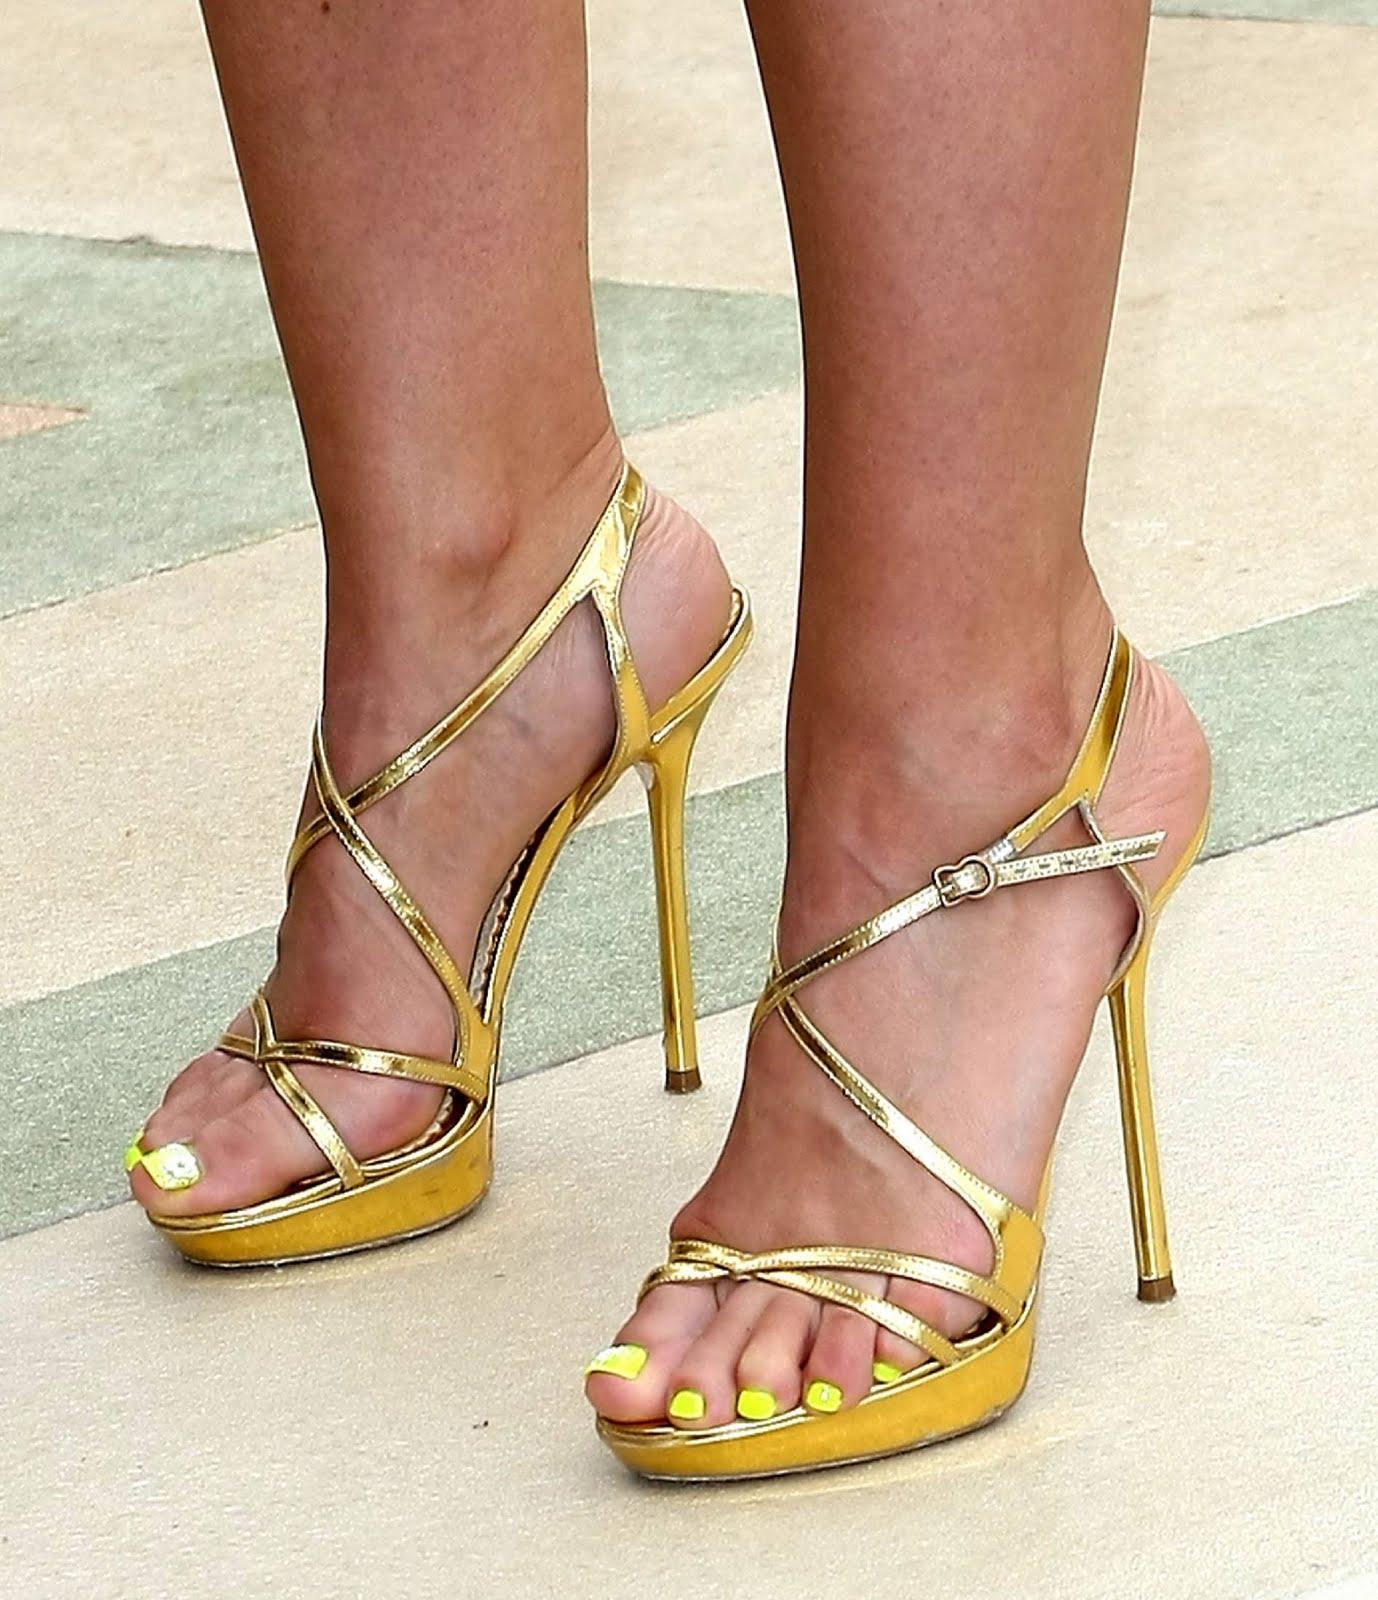 http://1.bp.blogspot.com/_UaLWp72nij4/TAlmW_gemLI/AAAAAAAAN5Q/stpKVZ0cLZ0/s1600/mena-suvari-feet-4.jpg